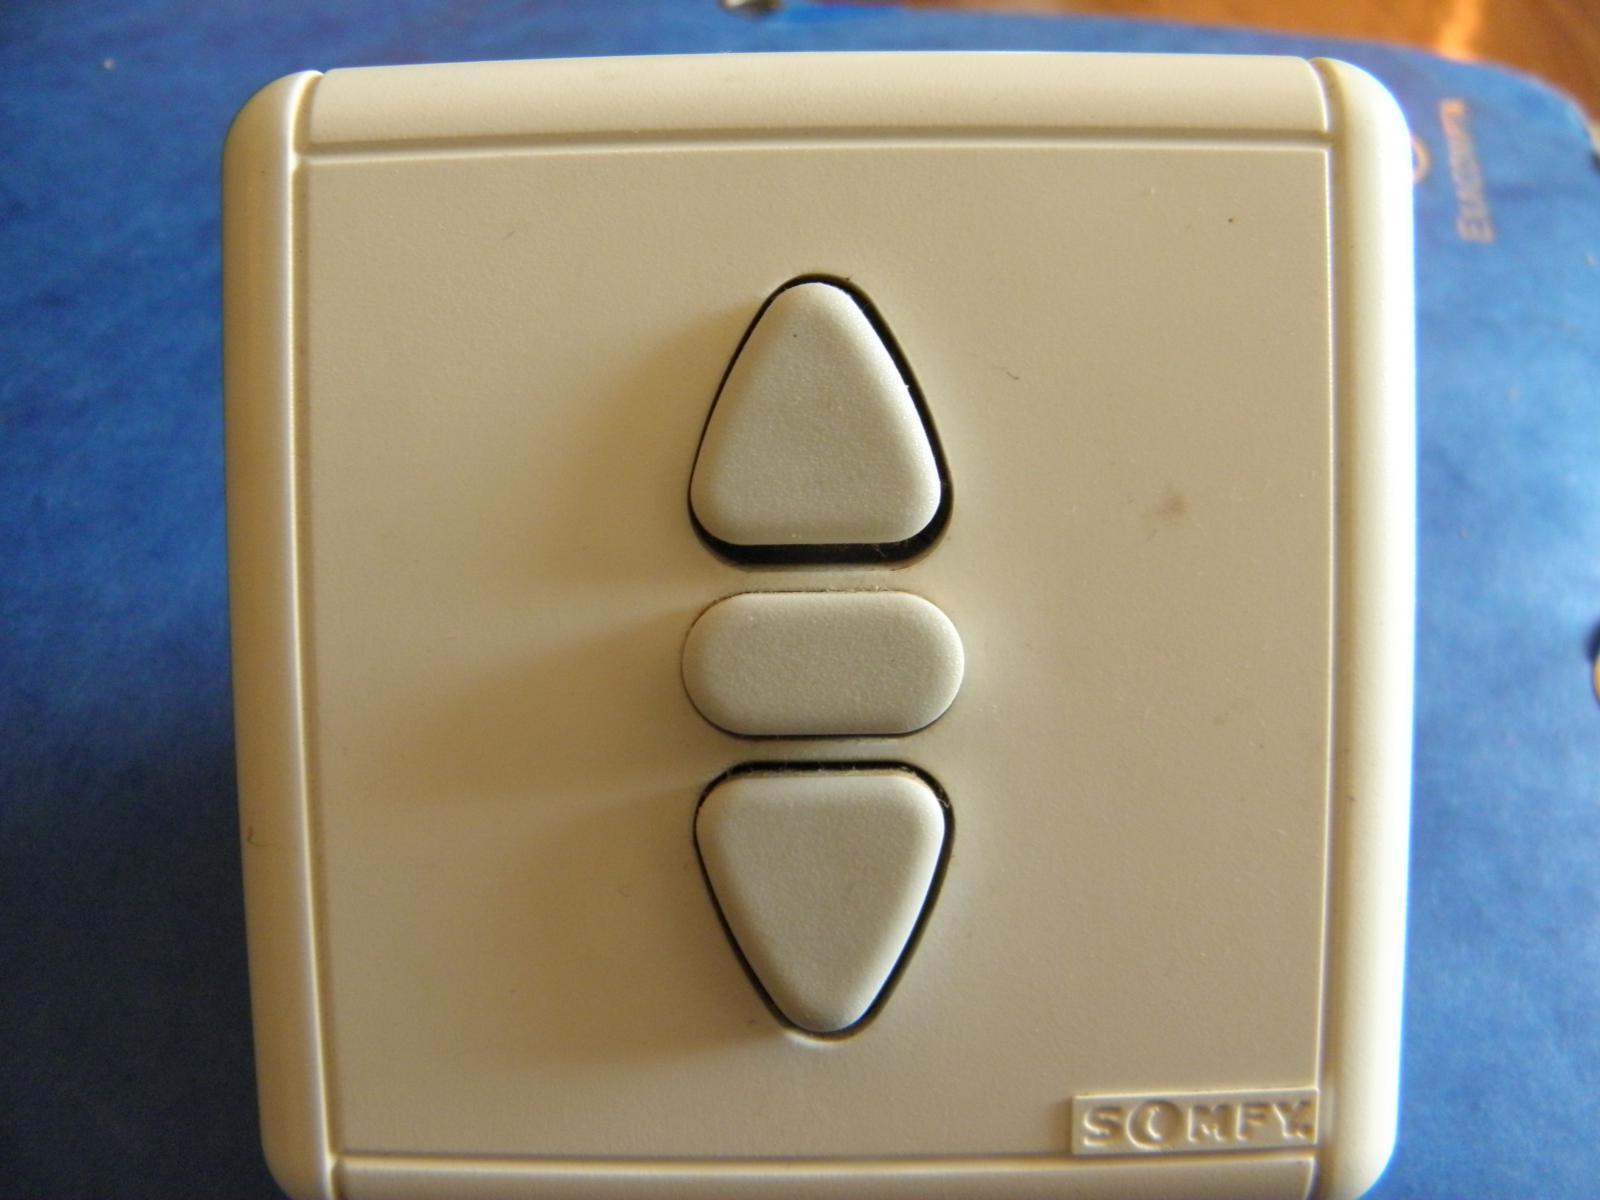 Interrupteur de volet roulant - Interrupteur bouton poussoir ...